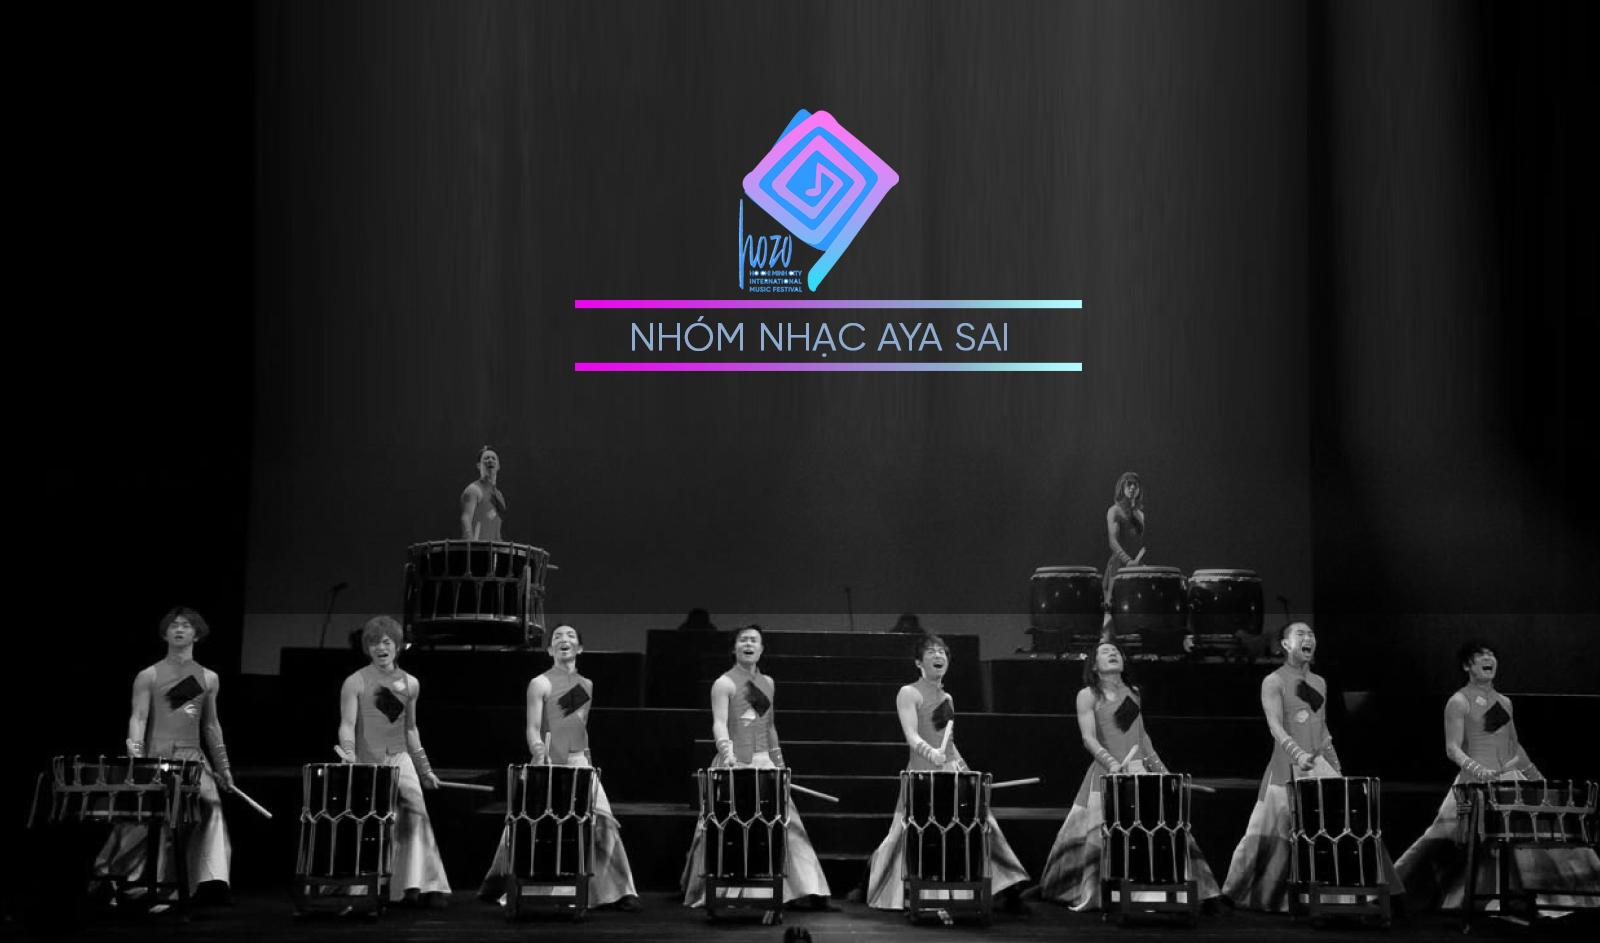 Dàn nghệ sĩ Việt Nam và quốc tế hội tụ tại lễ hội âm nhạc hoành tráng ở TP. HCM